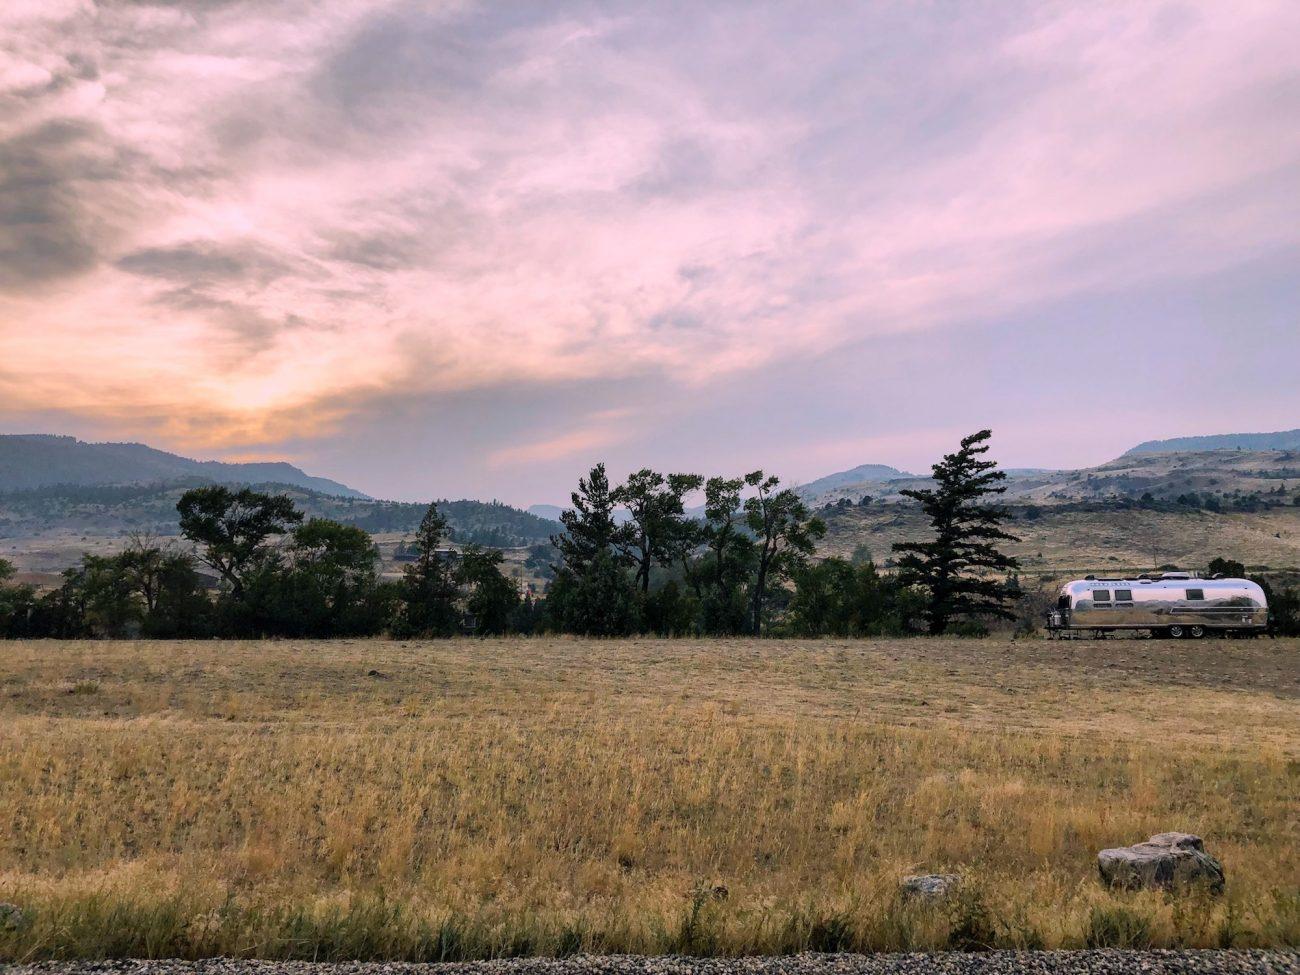 Montana Sunset with Airstream